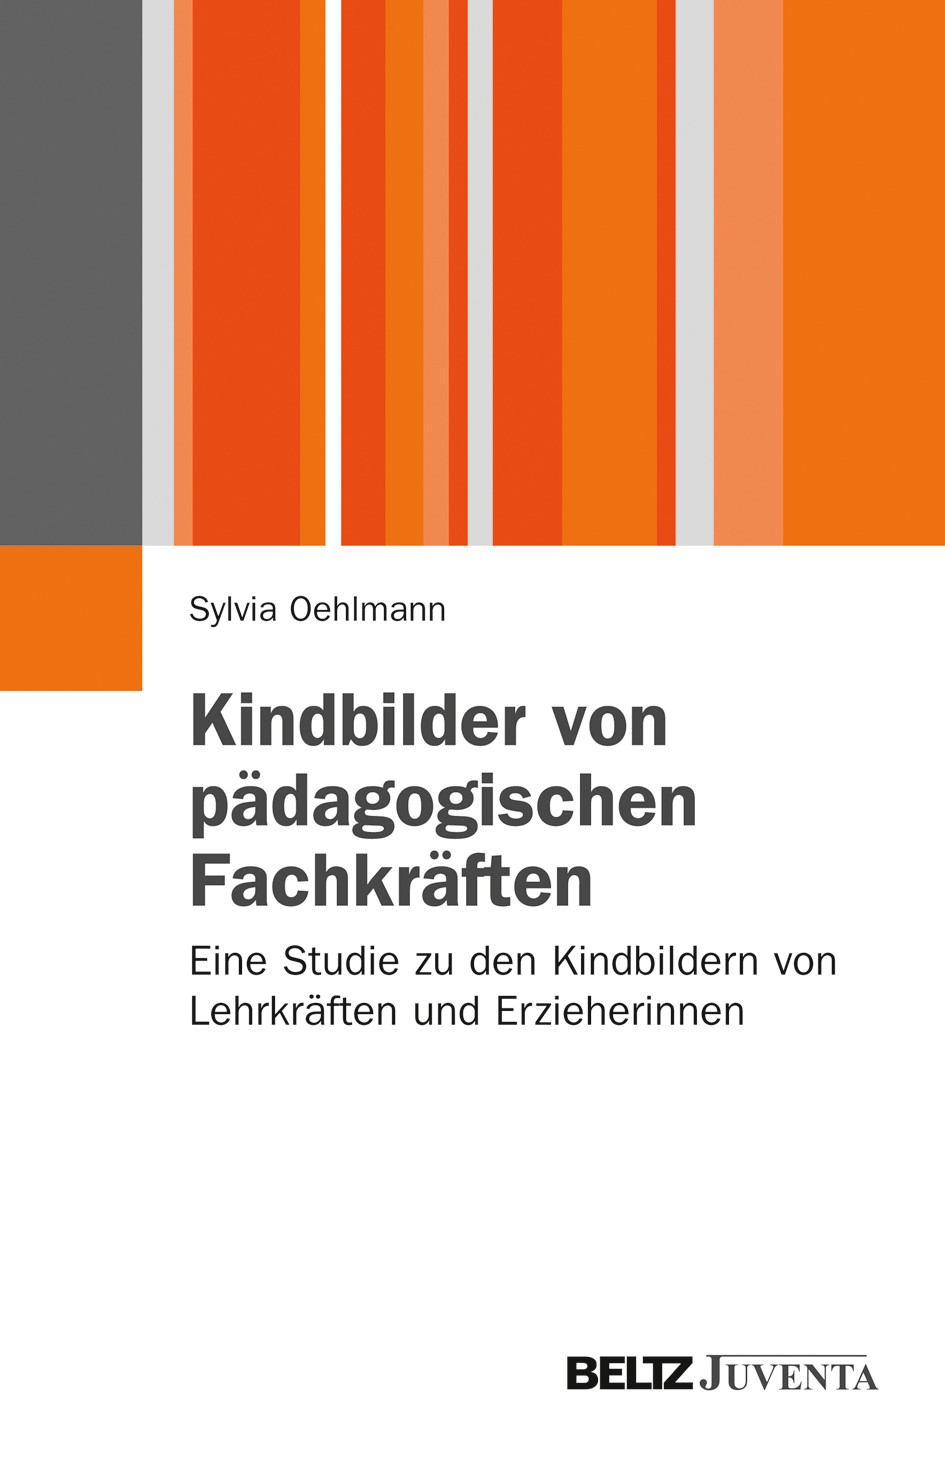 Kindbilder von pädagogischen Fachkräften | Oehlmann, 2012 | Buch (Cover)